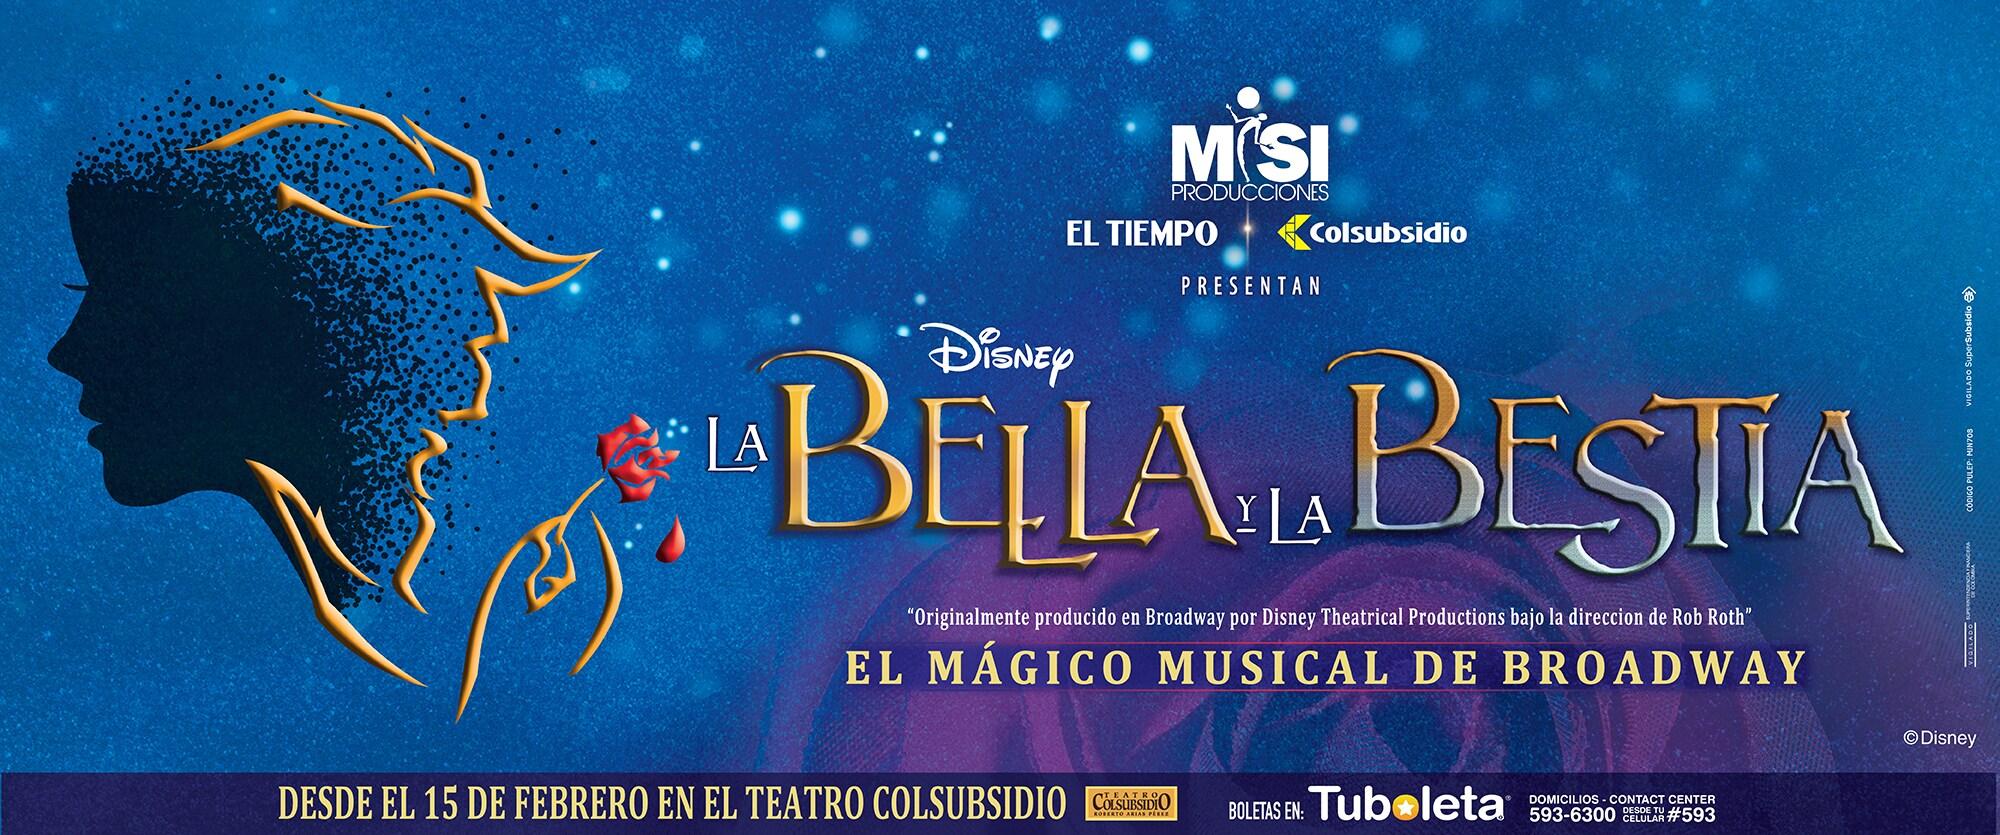 Hero_Disney_Bella_Y_Bestia_Espectaculos